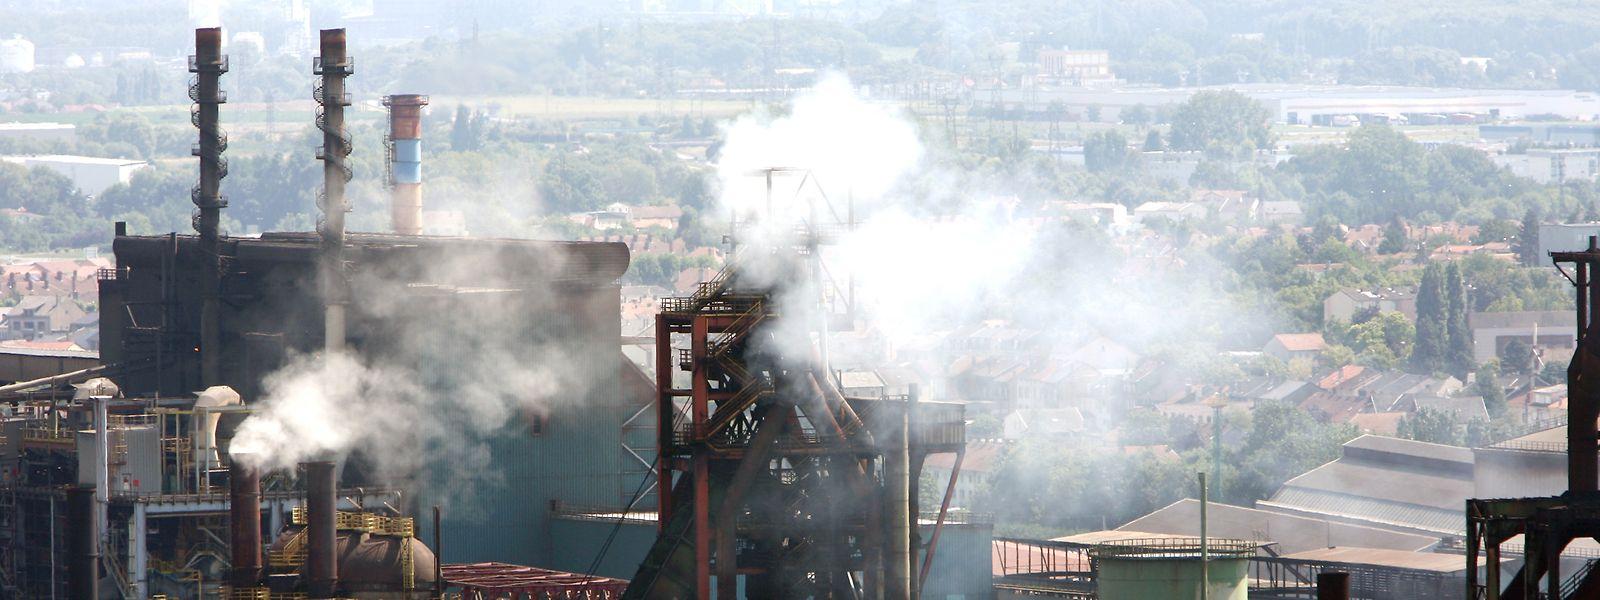 Die energieaufwendige Rohstahlproduktion in Florange ist schon eingestellt, auch die Koksproduktion wird in absehbarer Zeit eingestellt.